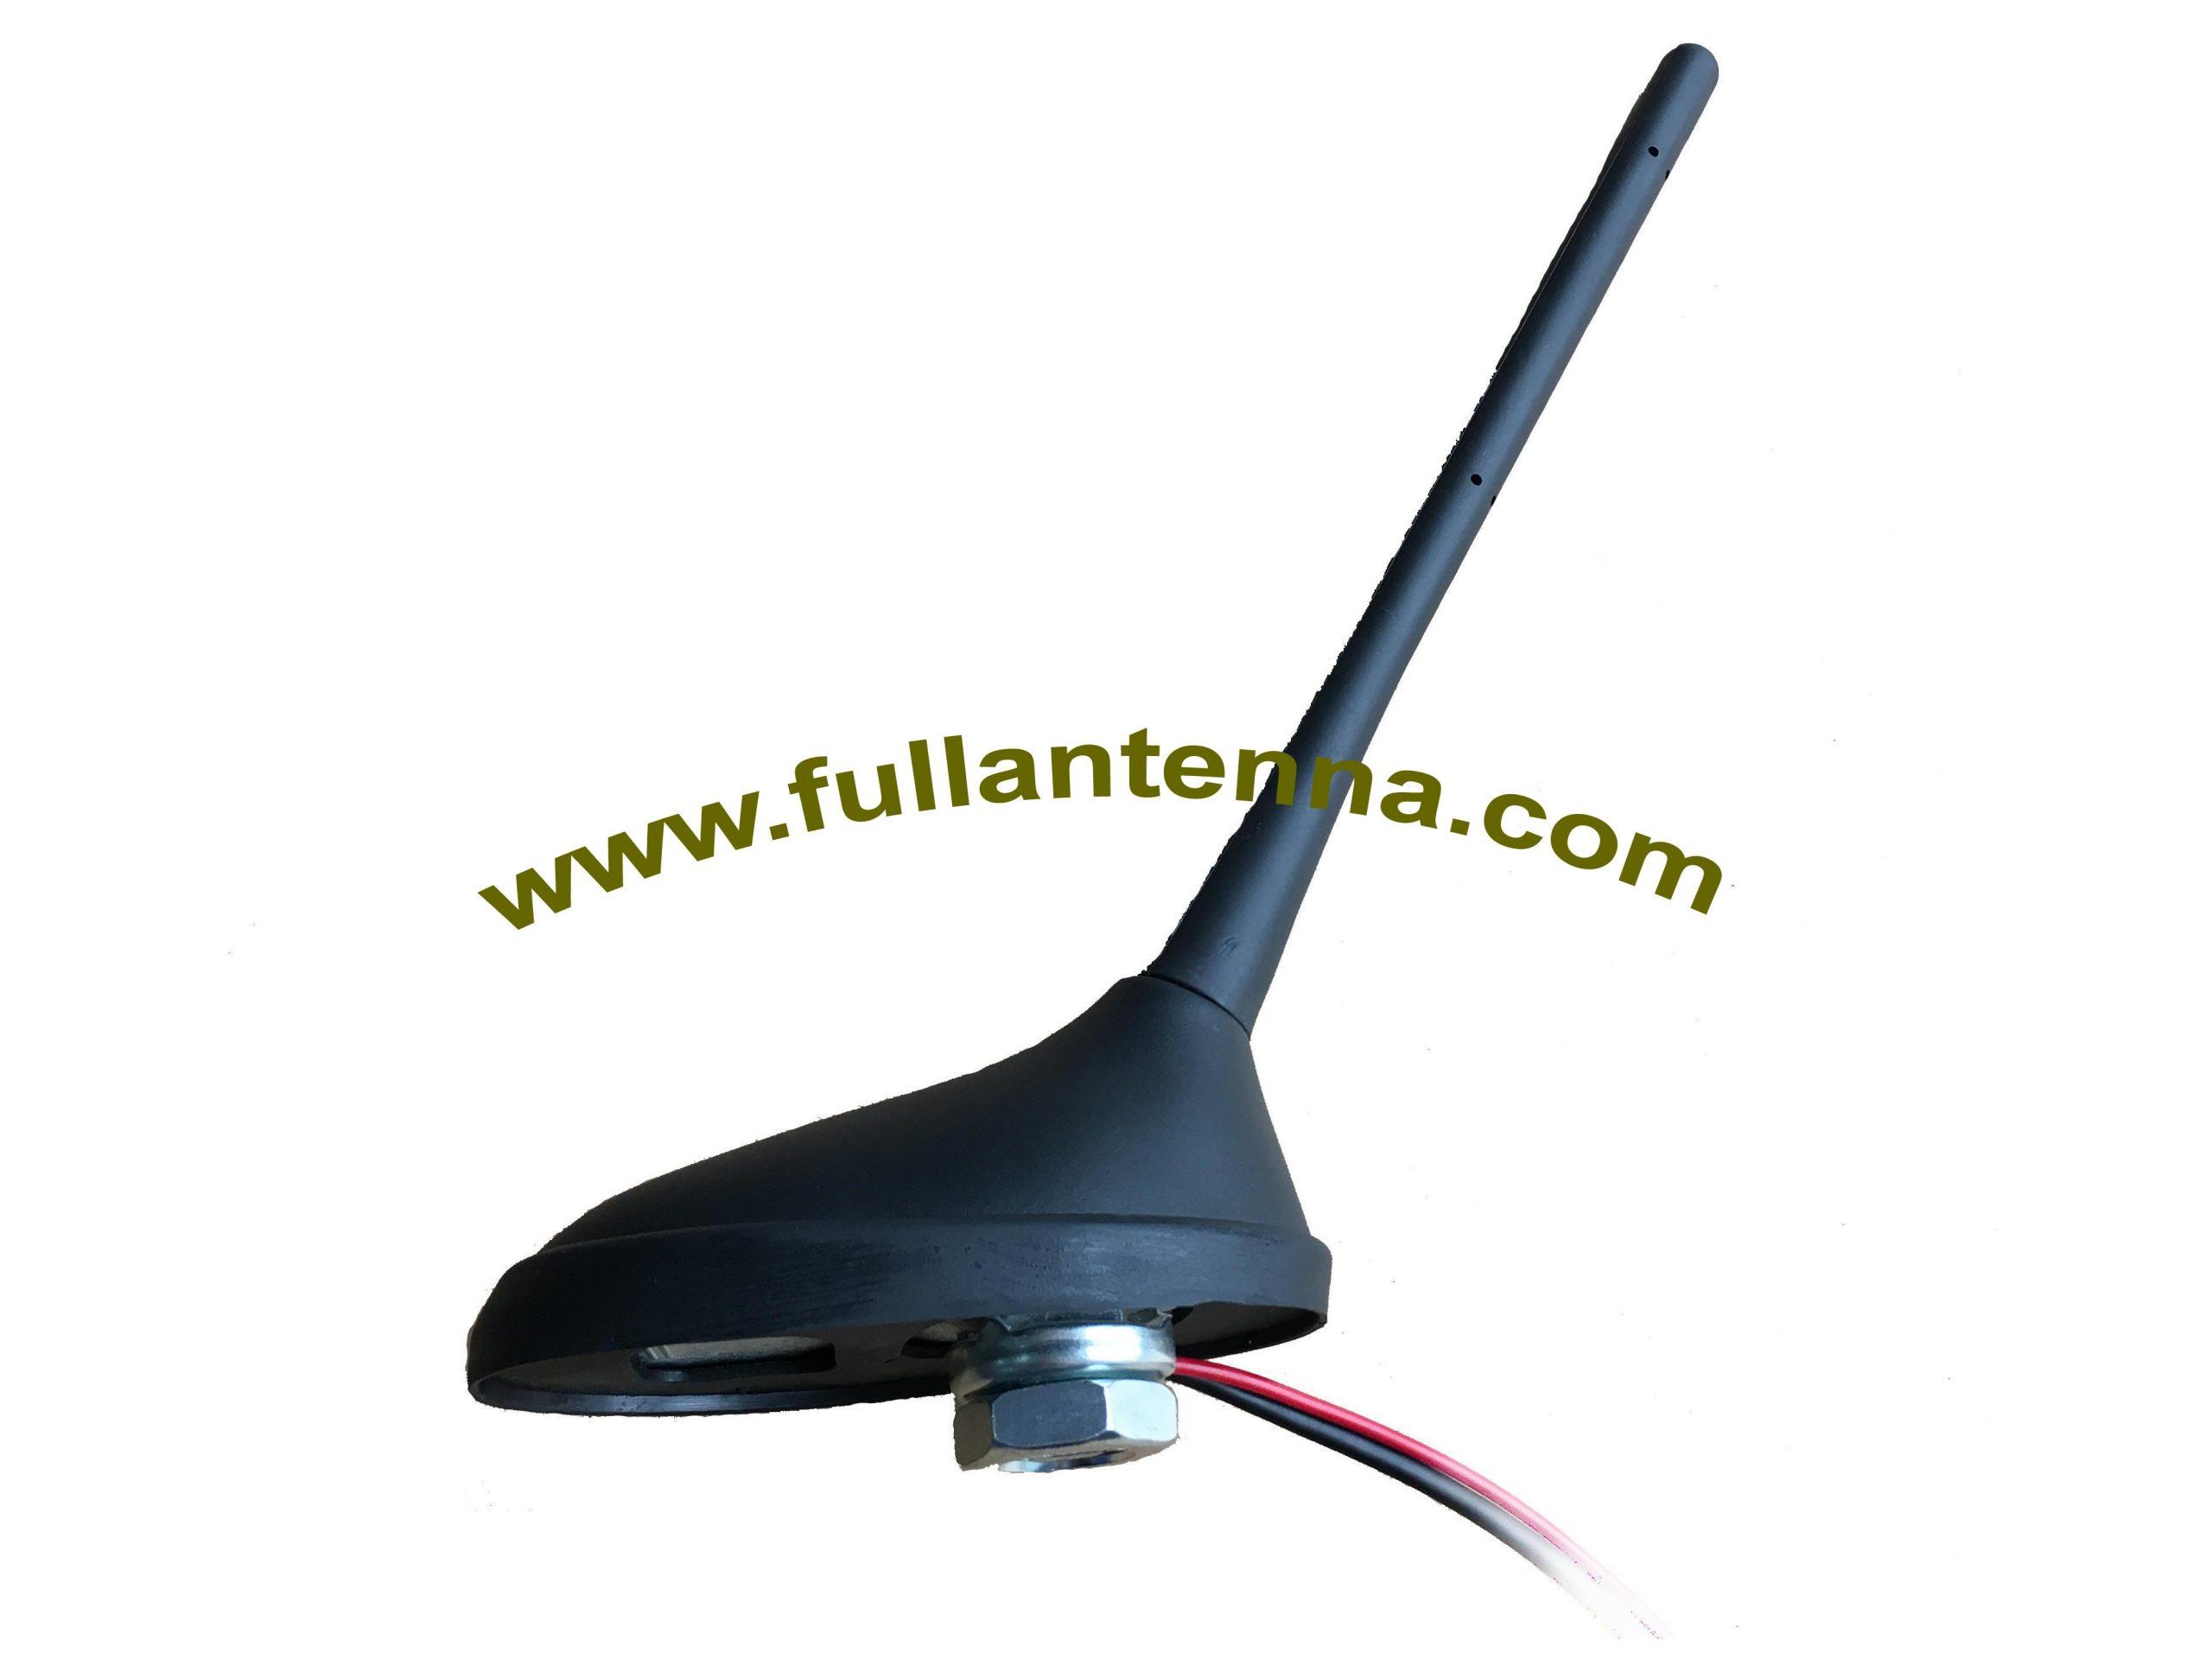 P/N:FAAMFM.03,AM/FM Antenna,AM/FM external active antenna screw mount